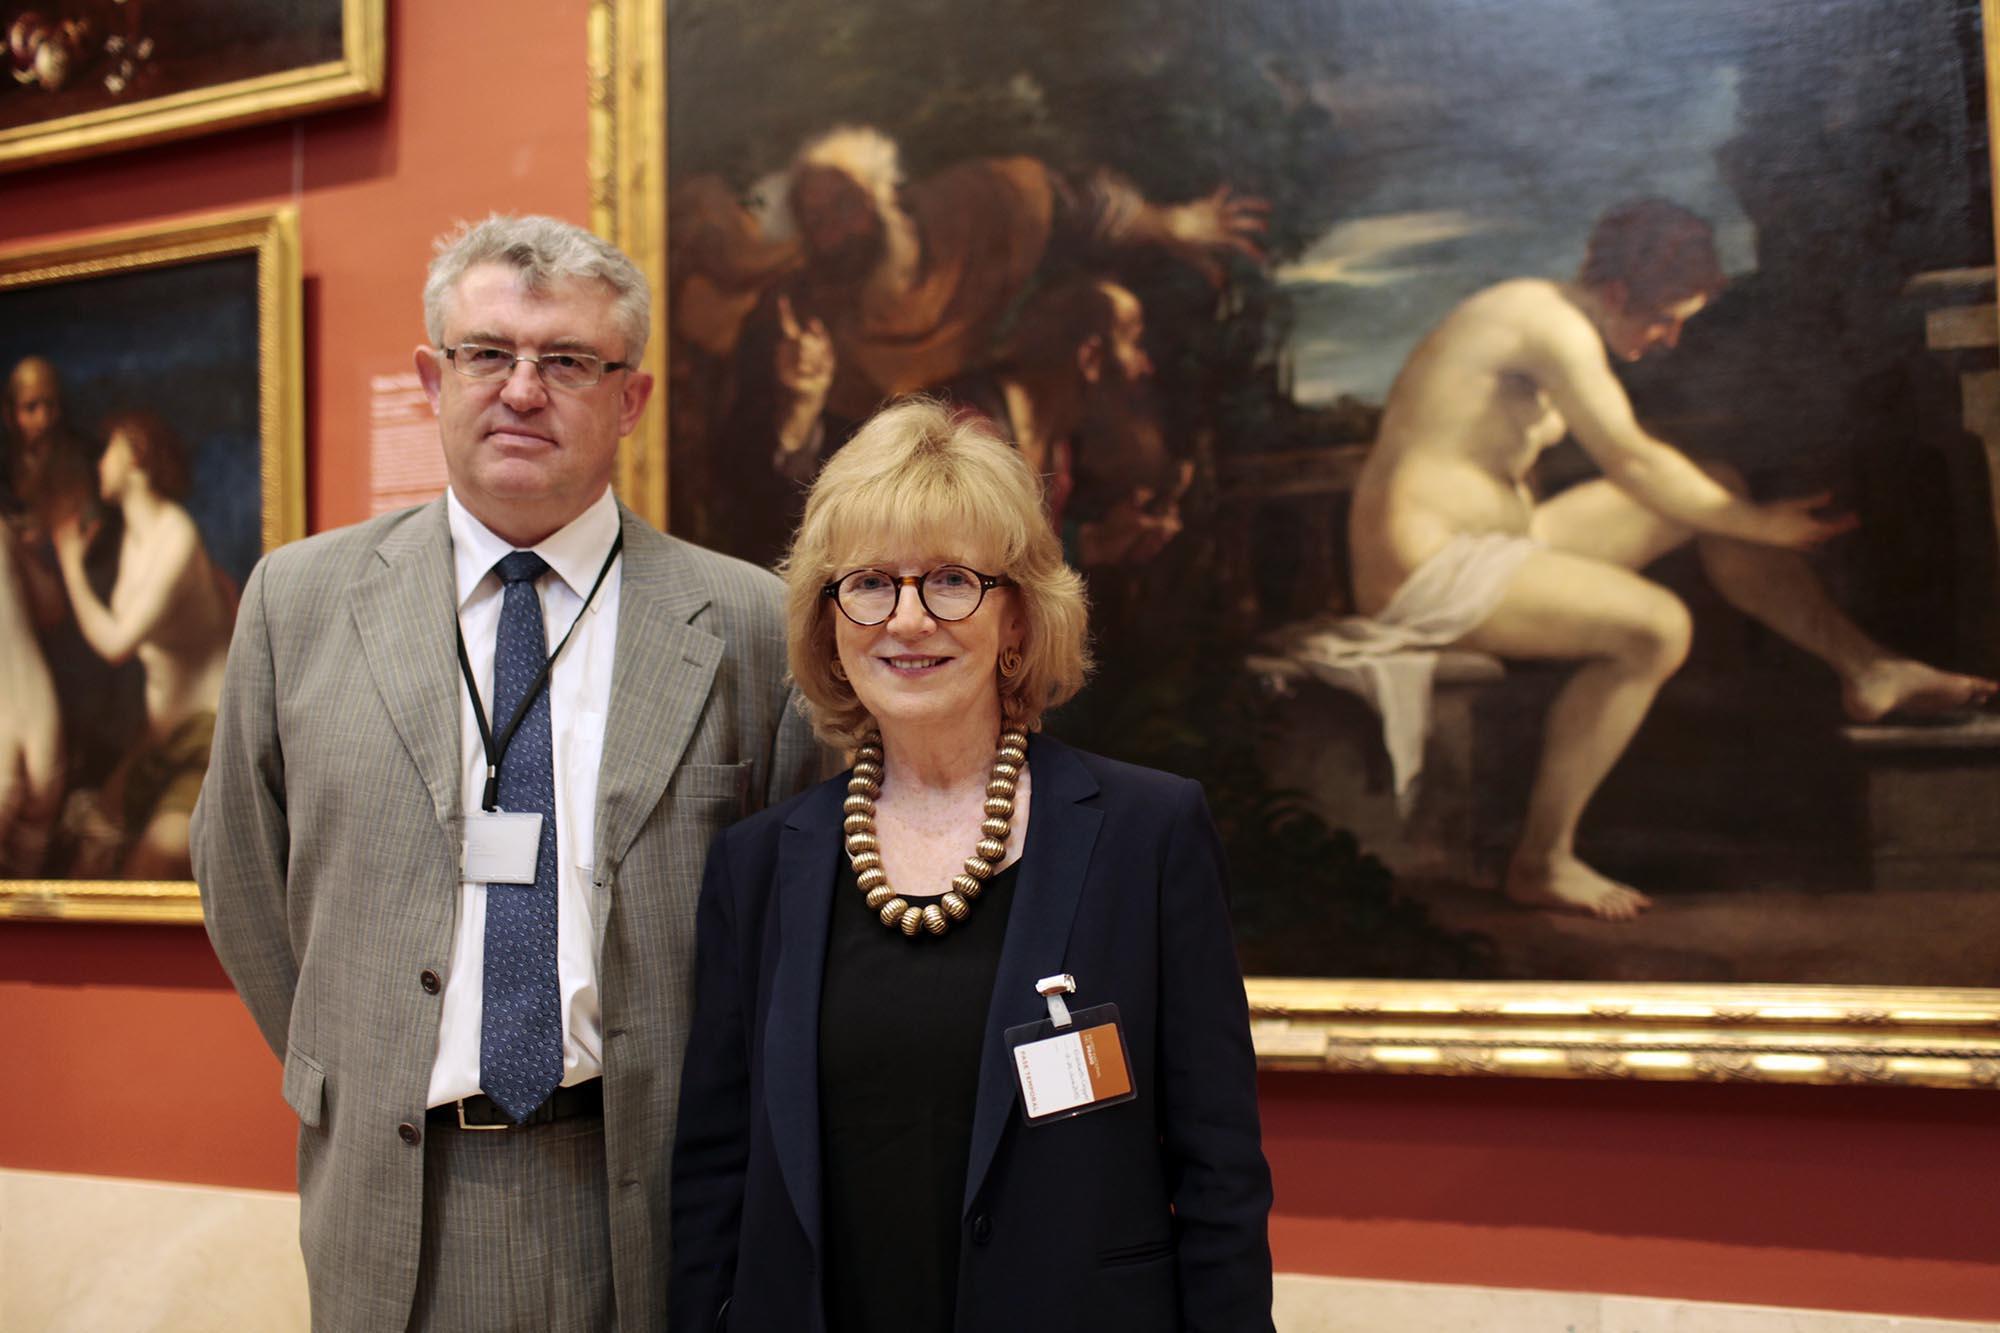 El Museo del Prado dedicará su próxima Cátedra al análisis crítico de las pinturas italianas barrocas en las colecciones españolas